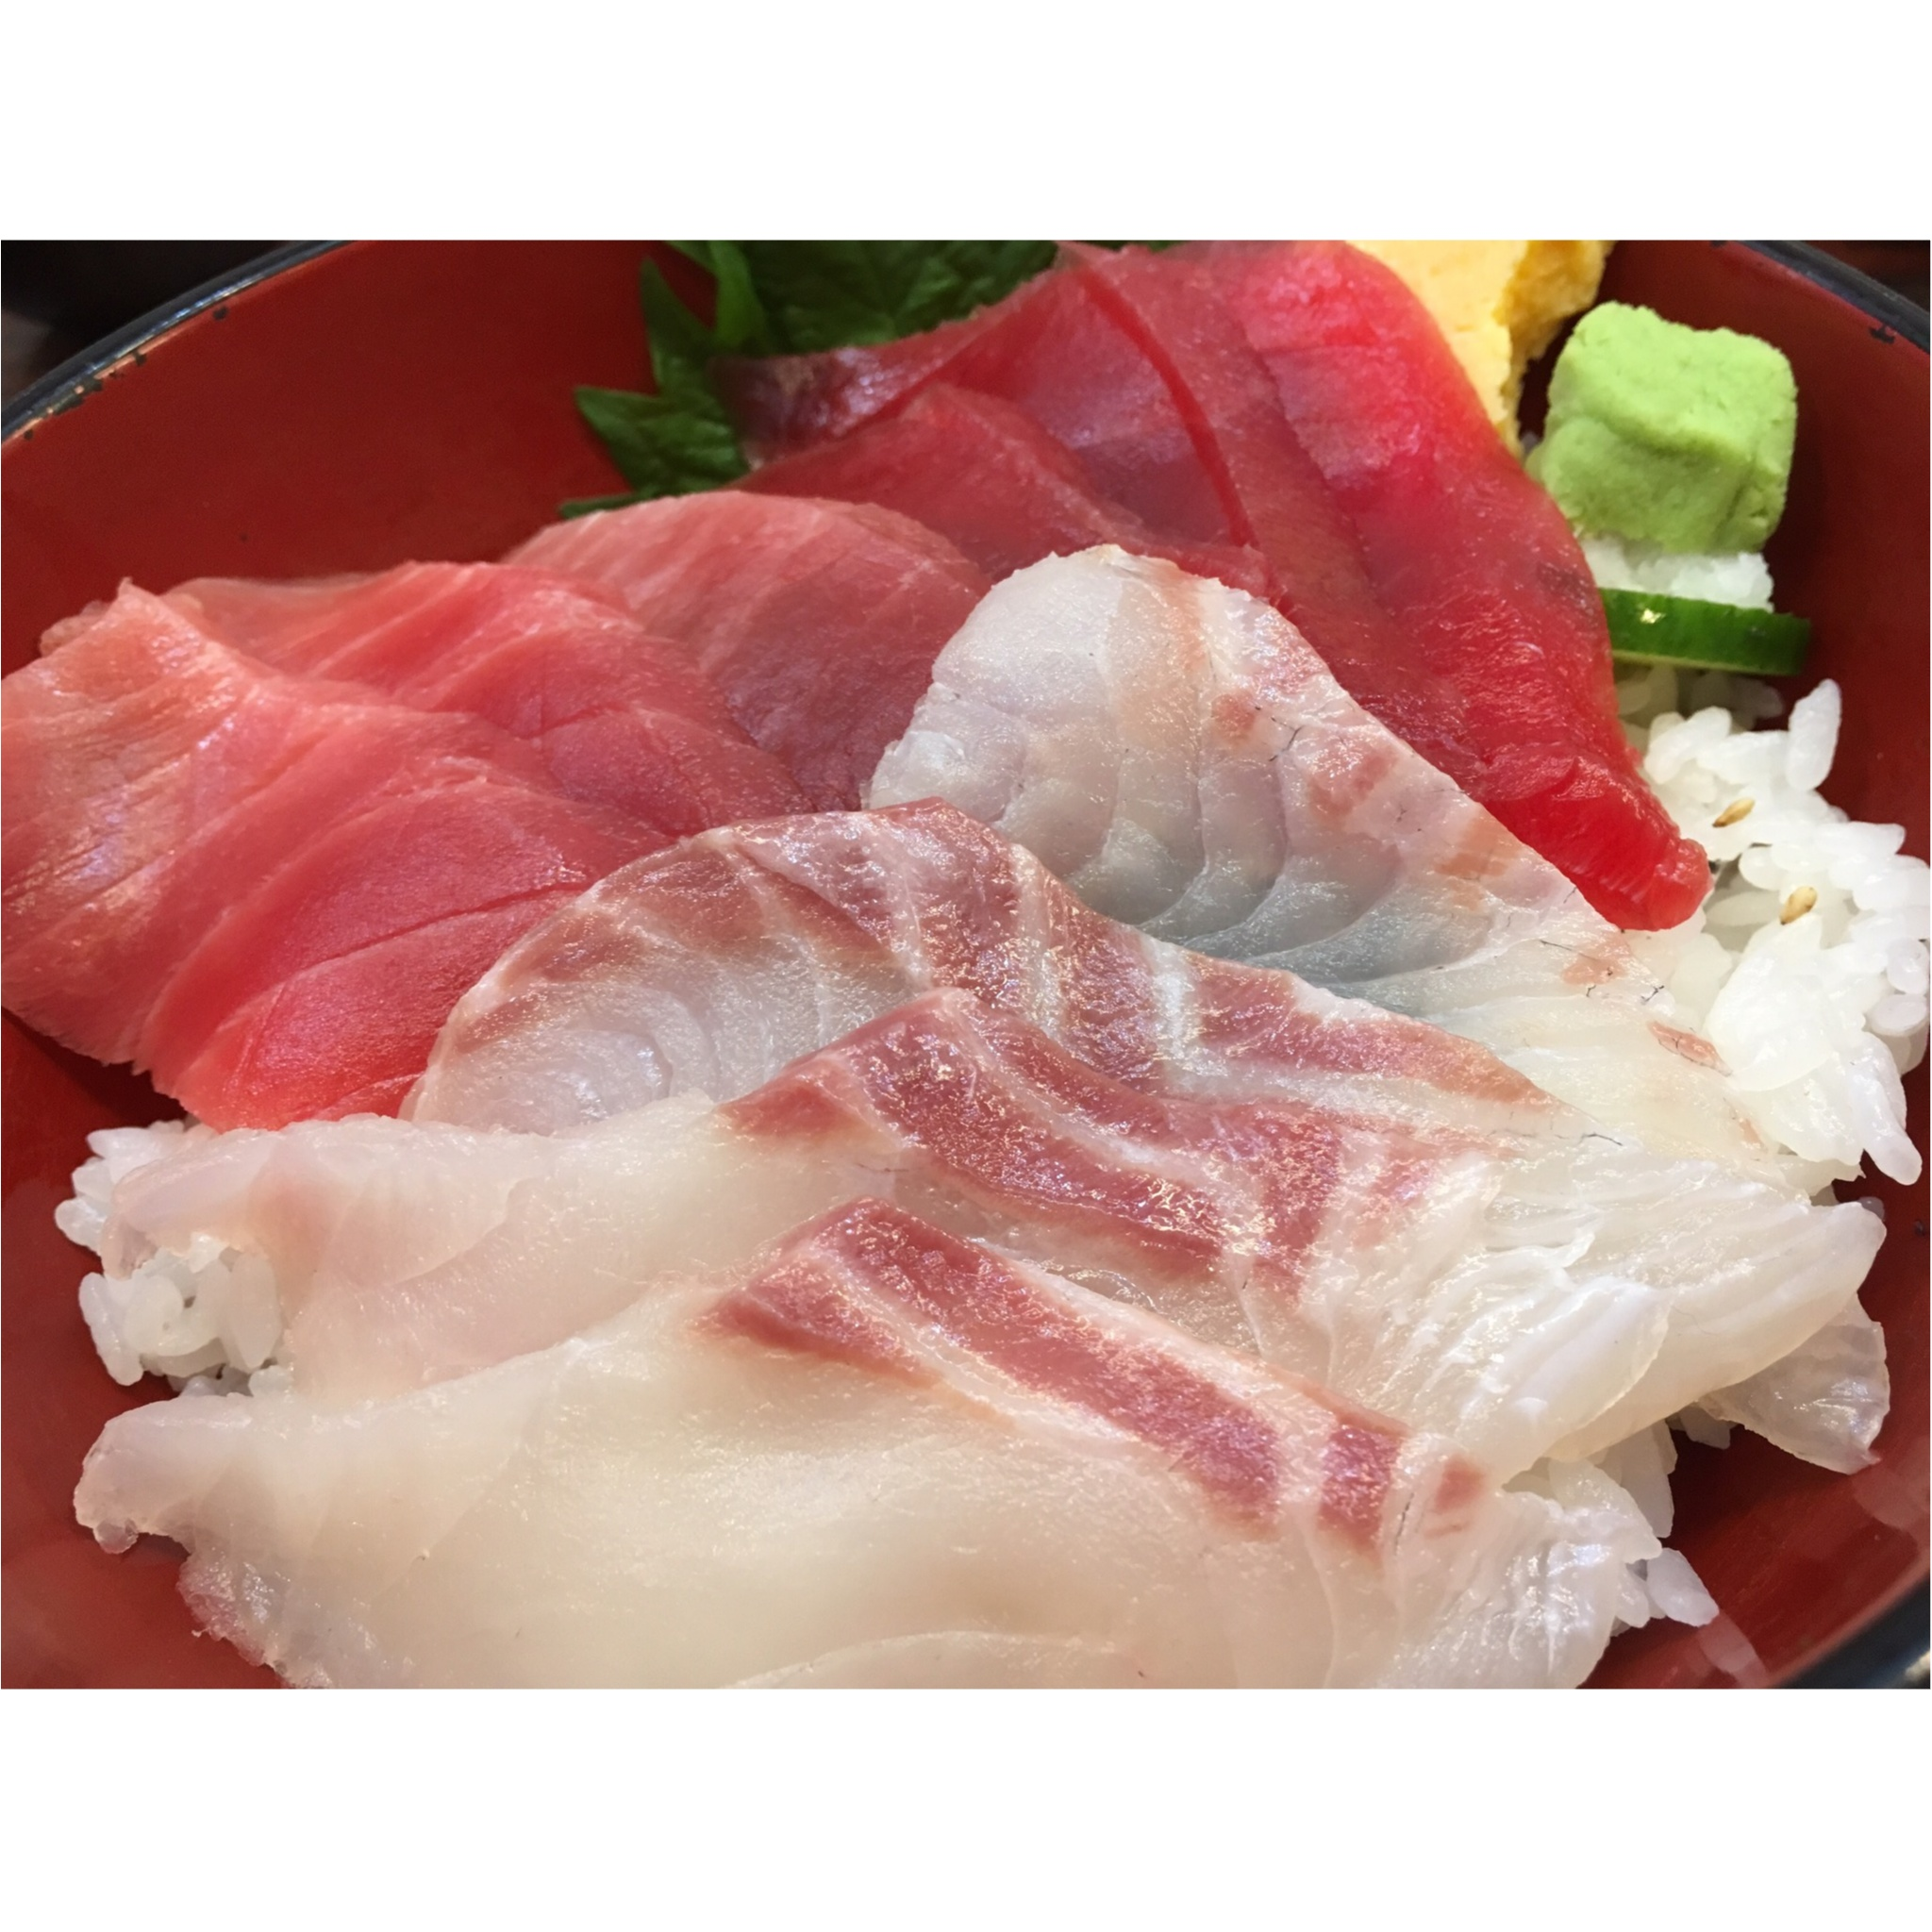 【東京グルメ▶︎築地】海鮮丼を築地場内で食べるならココがオススメ!!_3